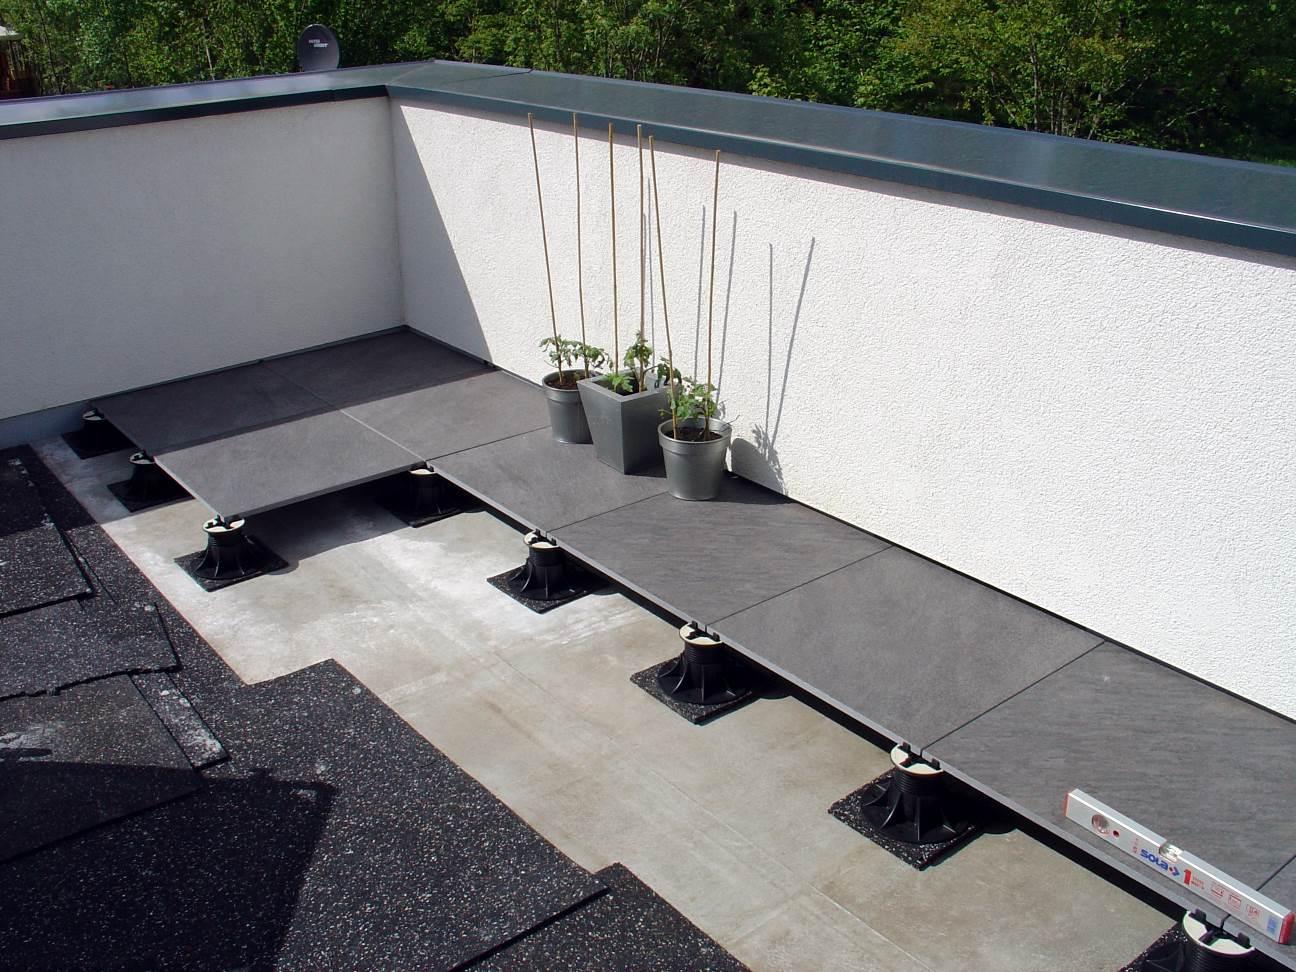 dachterrasse flachdach aufbau flachdach terrasse unterkonstruktion. Black Bedroom Furniture Sets. Home Design Ideas